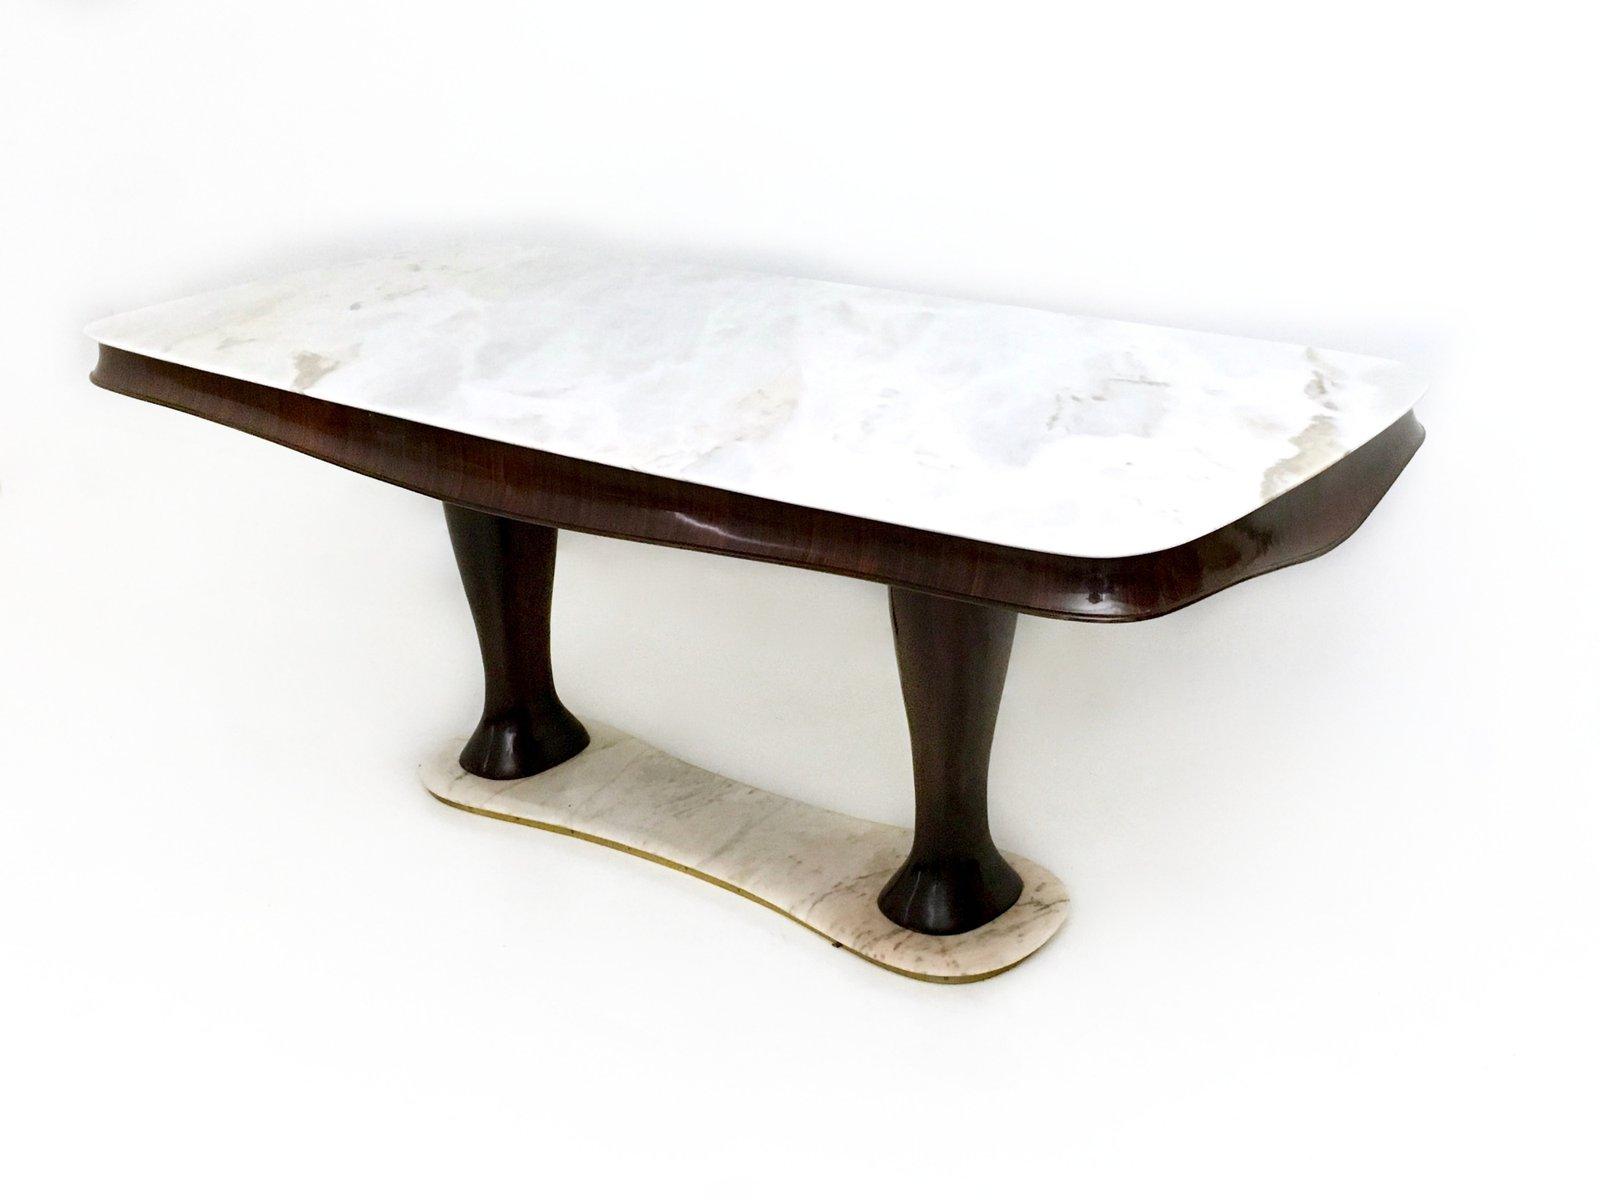 Table de salle manger en h tre et palissandre avec plateau et base en marbre rose portugais - Table salle a manger plateau marbre ...